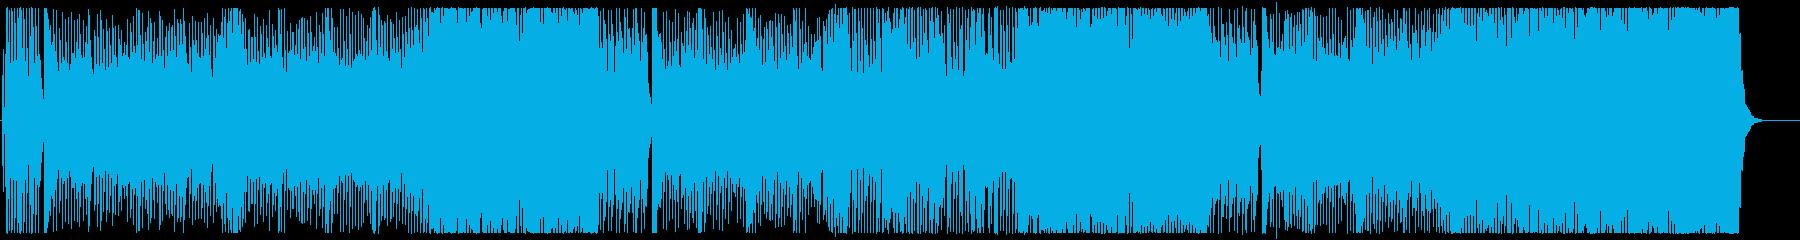 和風な雰囲気でにぎやかなメロディーの再生済みの波形